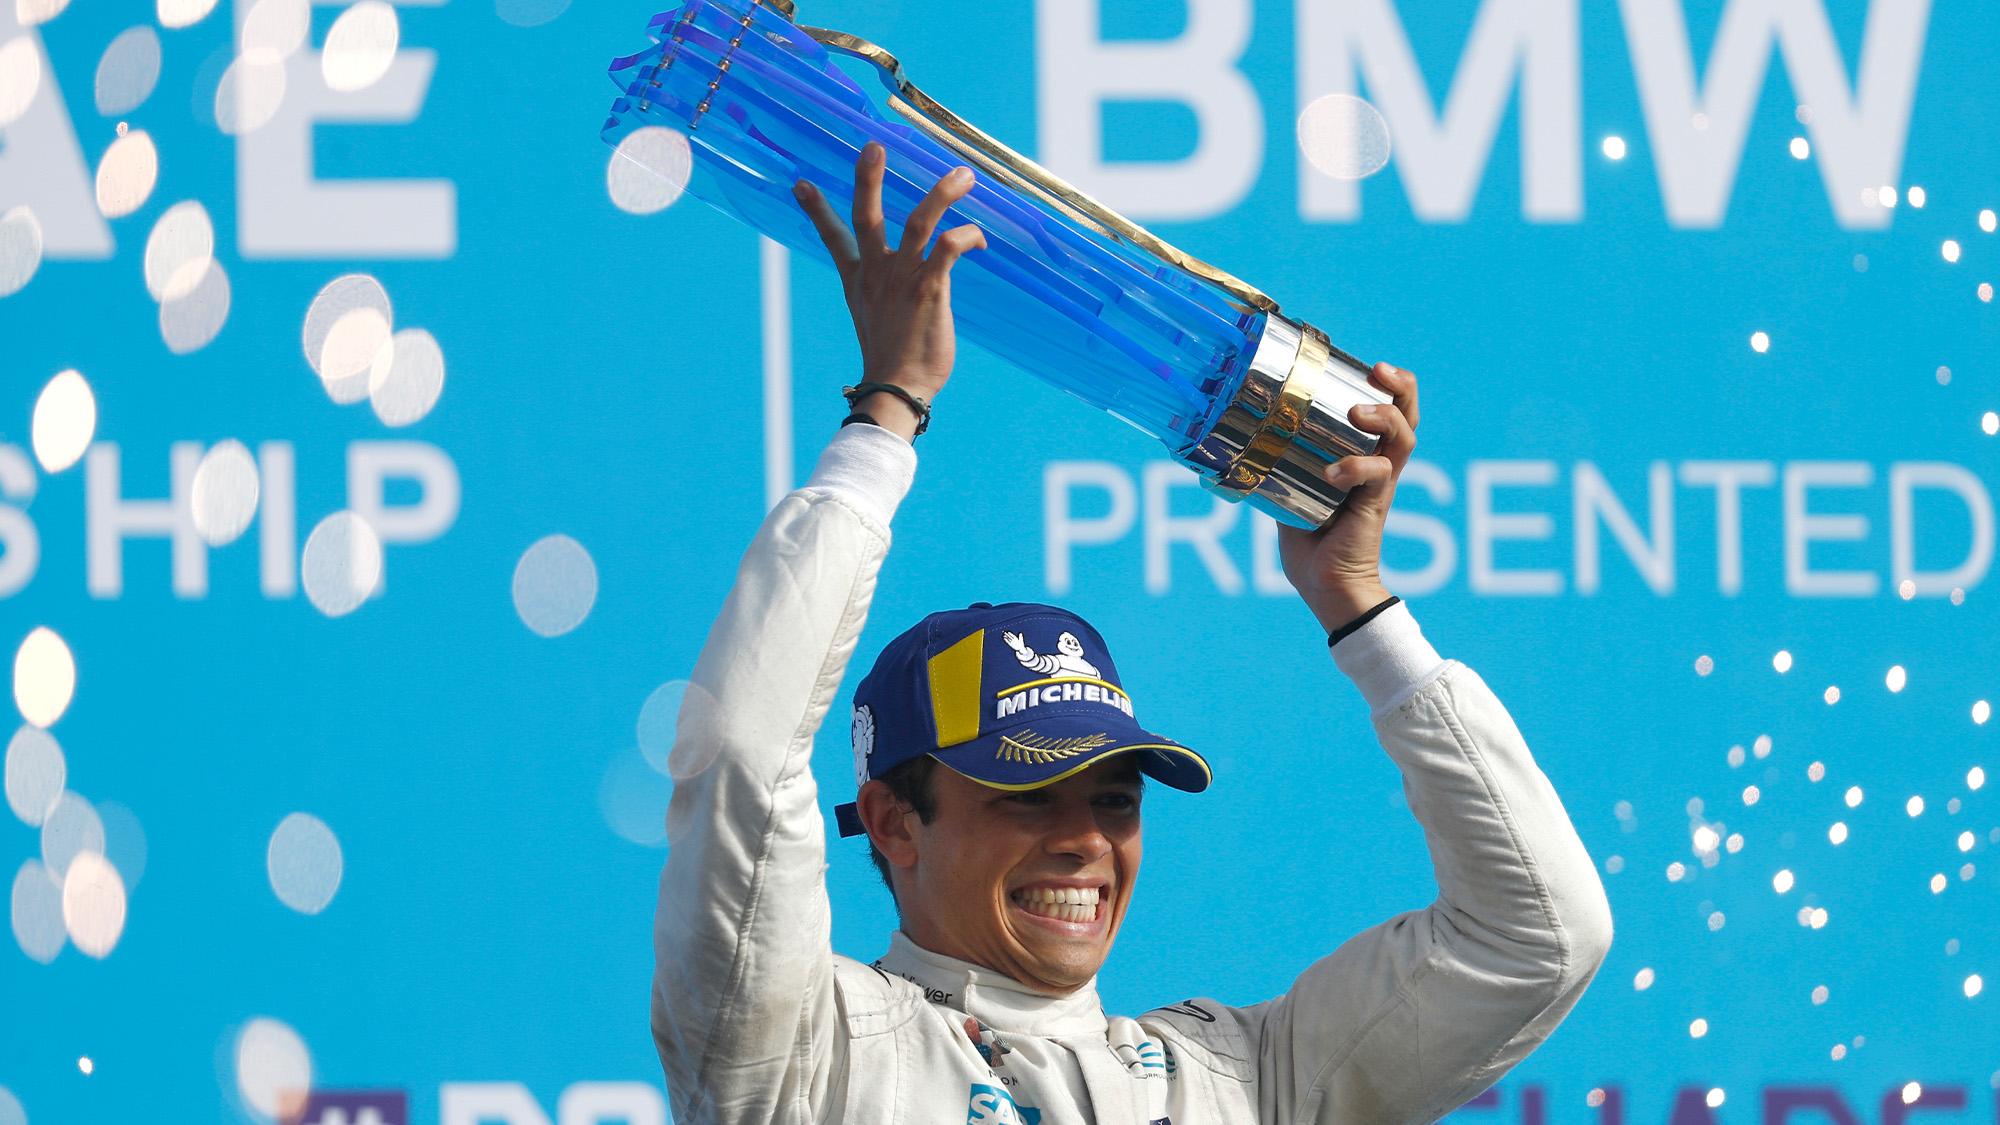 Nyck de Vries holds up the 2021 Berlin E-Prix Formula E trophy